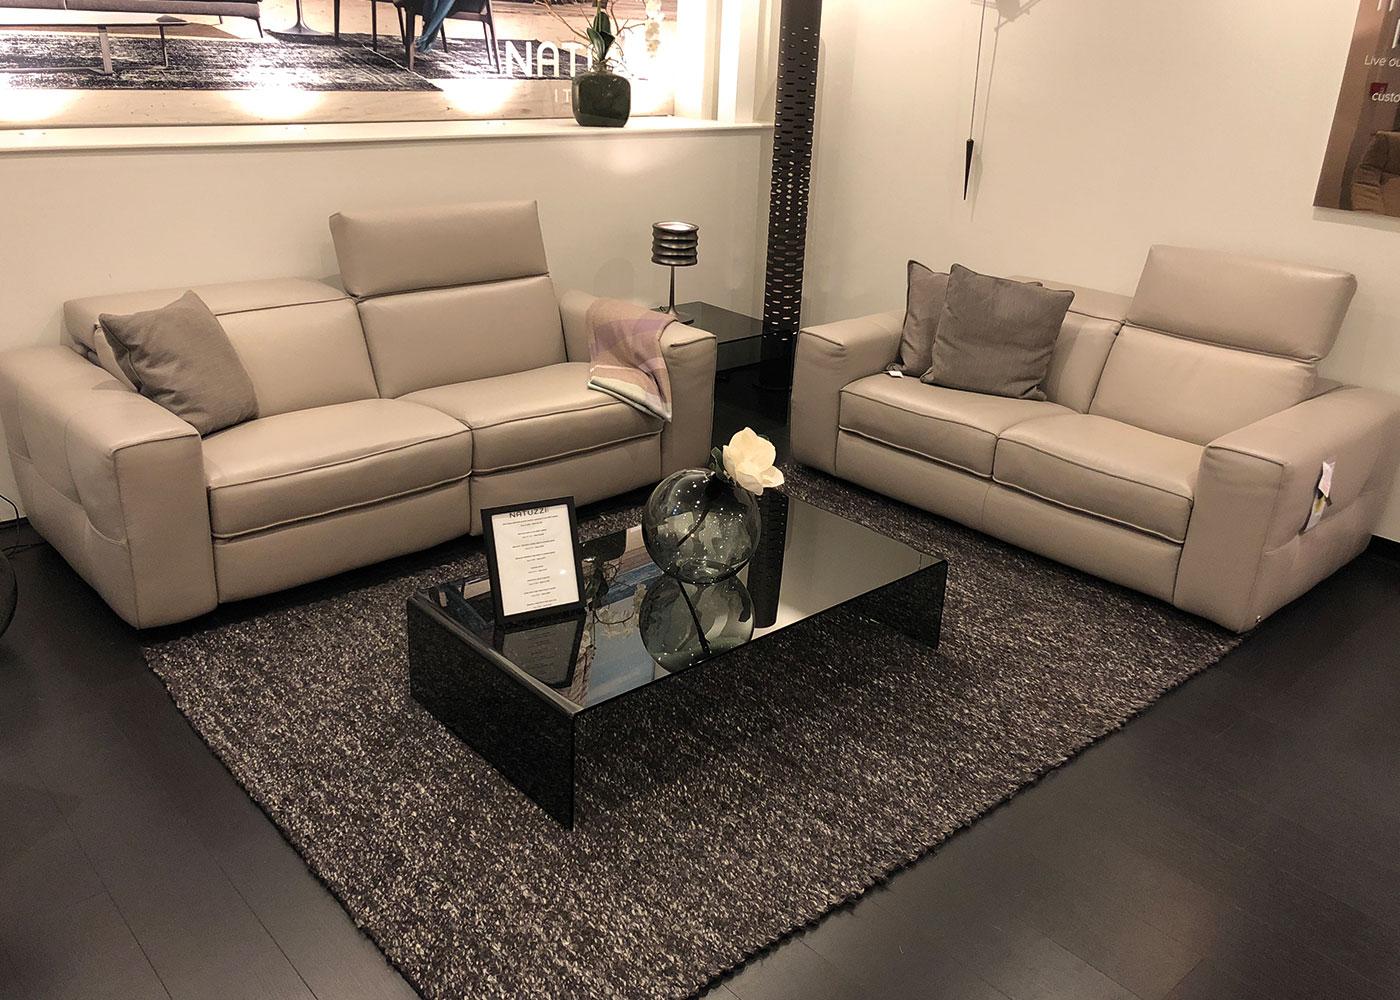 Natuzzi Brio Midfurn Furniture Superstore